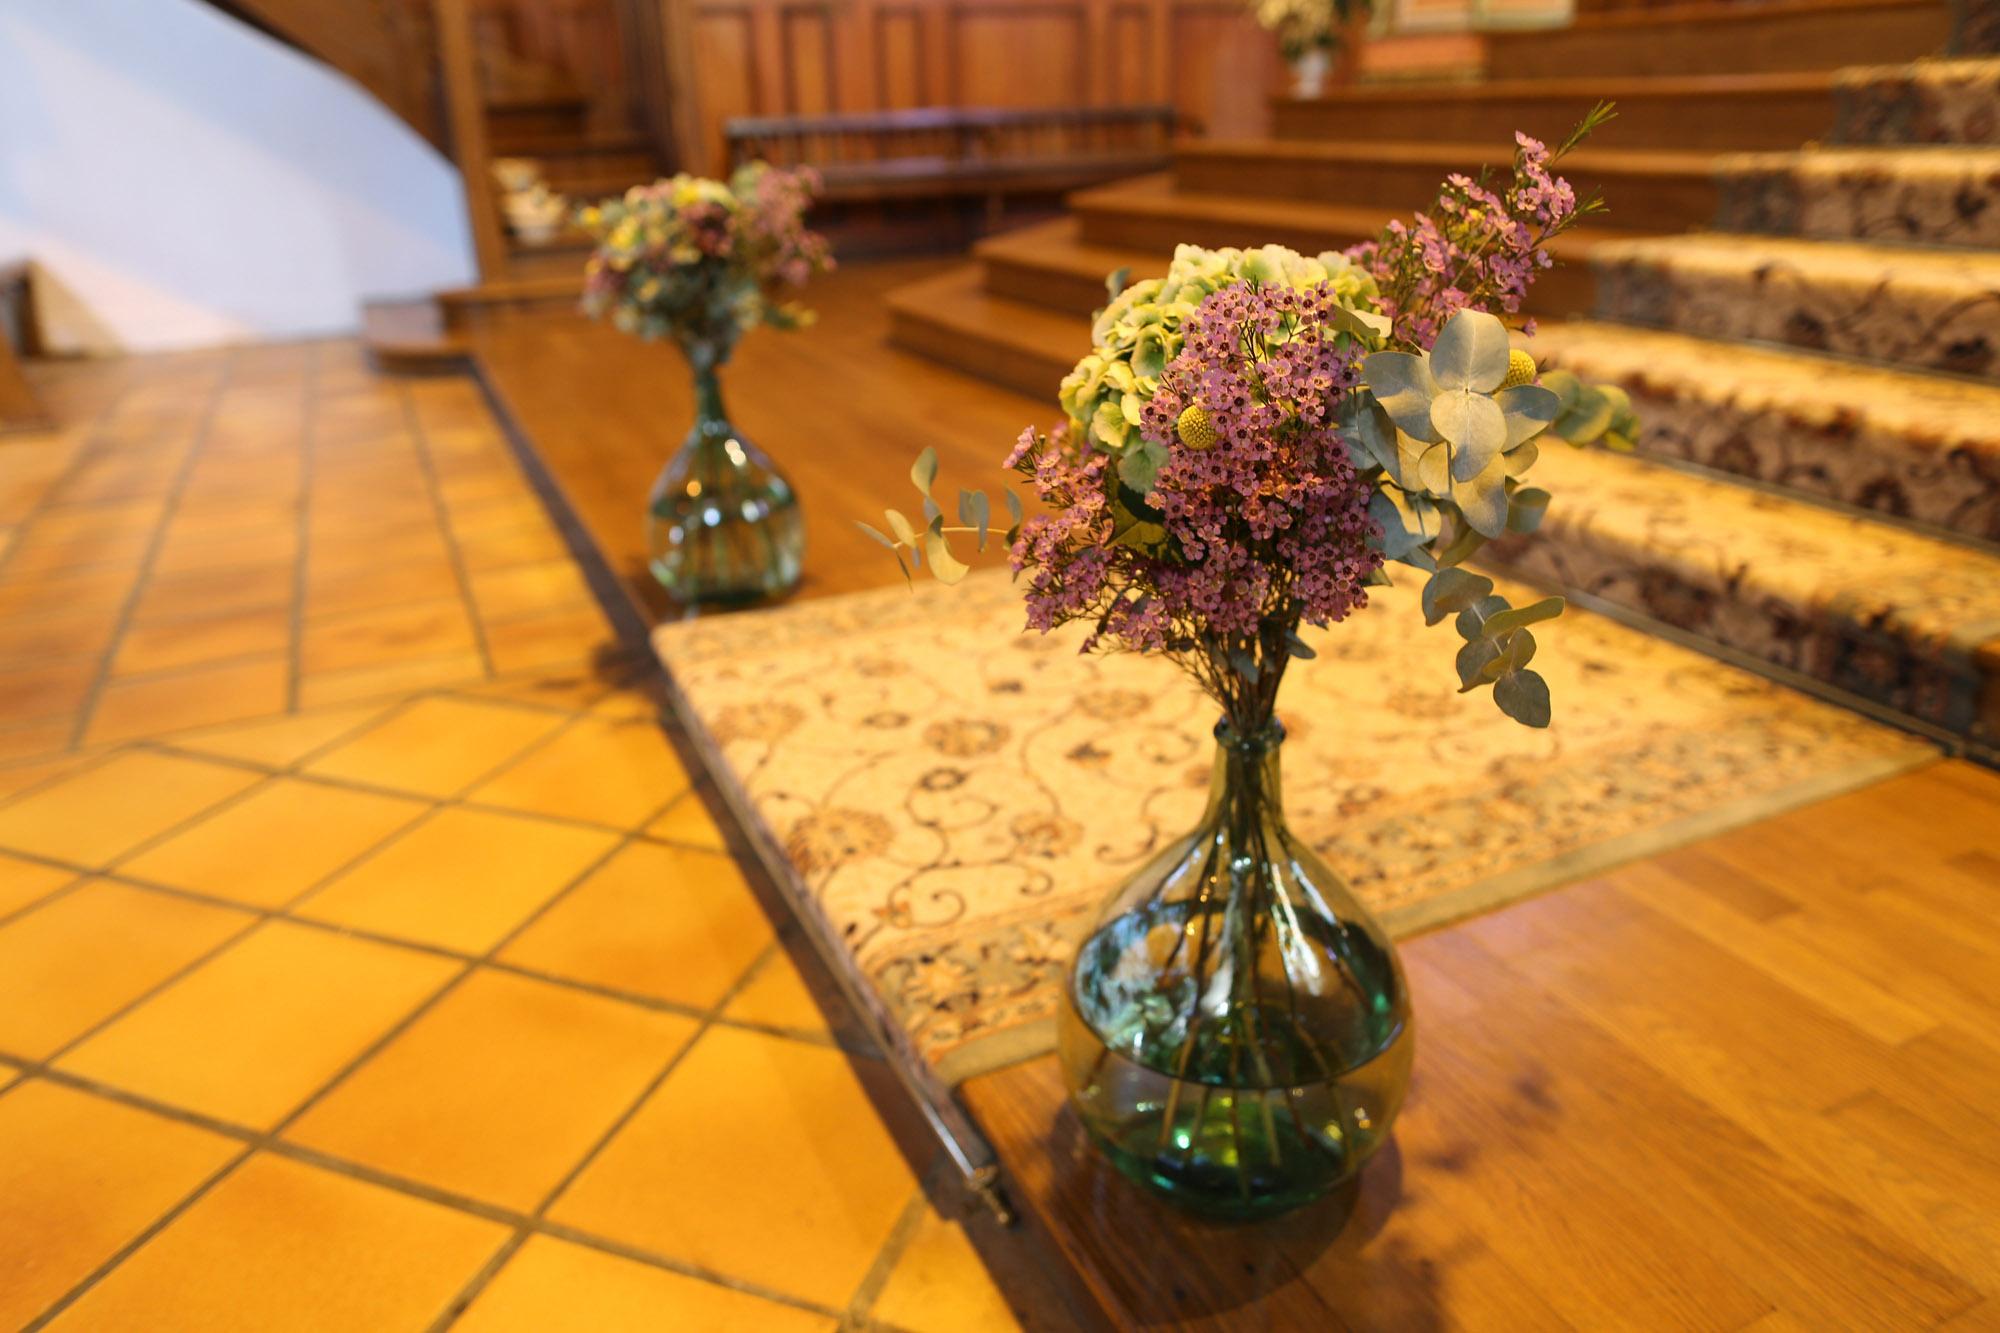 fleuriste-mariage-64-photographe-Sylvain-Mariotto-landes-pays-basque-04